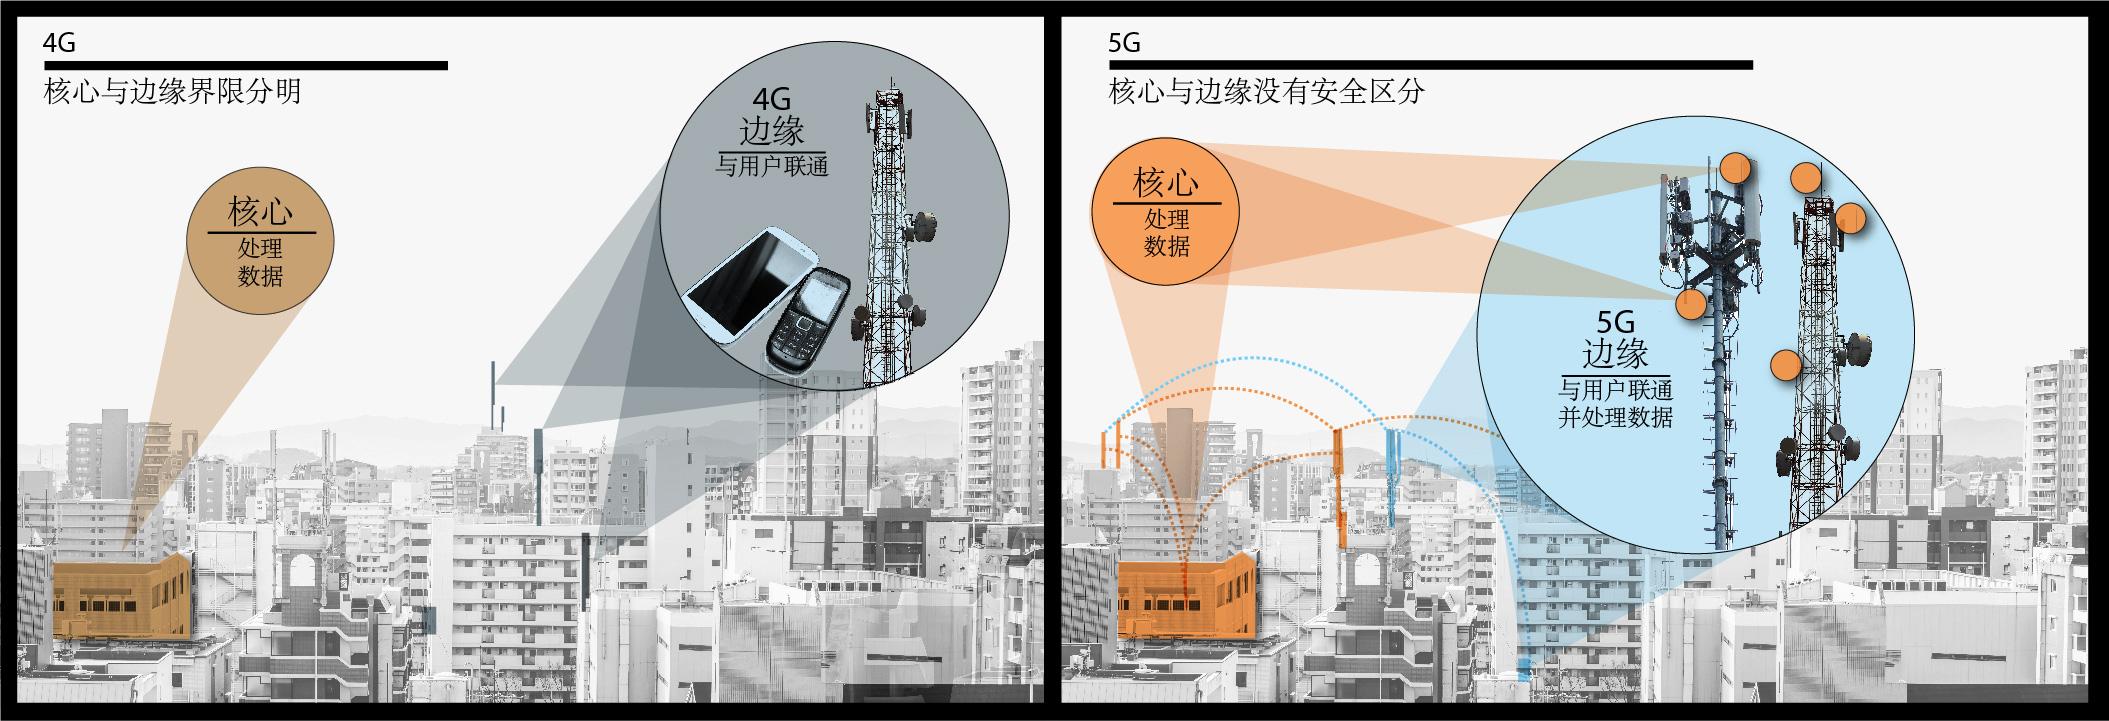 城市景观以及对比4G 和5G网络的文字的图文(State Dept./S. Gemeny Wilkinson)